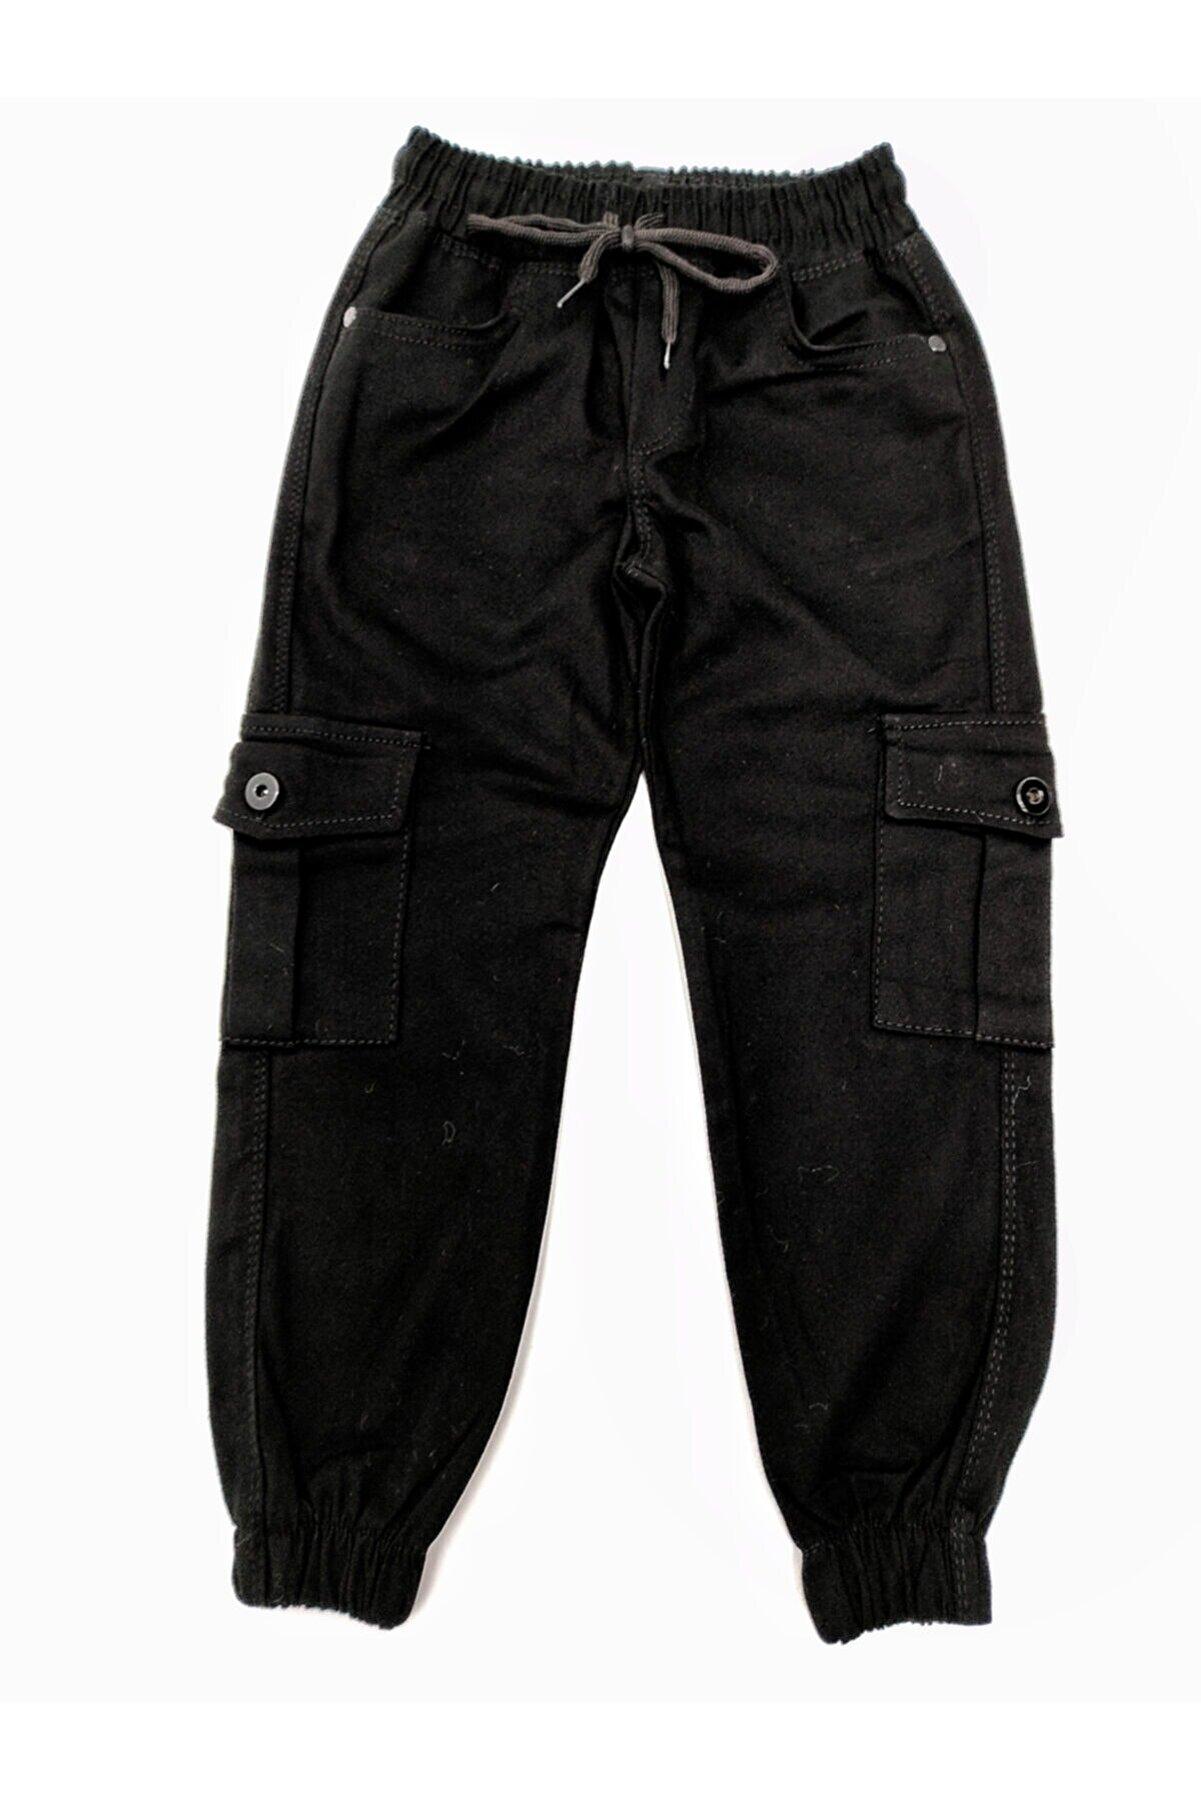 ALKANO Erkek Çocuk Komando Cepli Pantolon